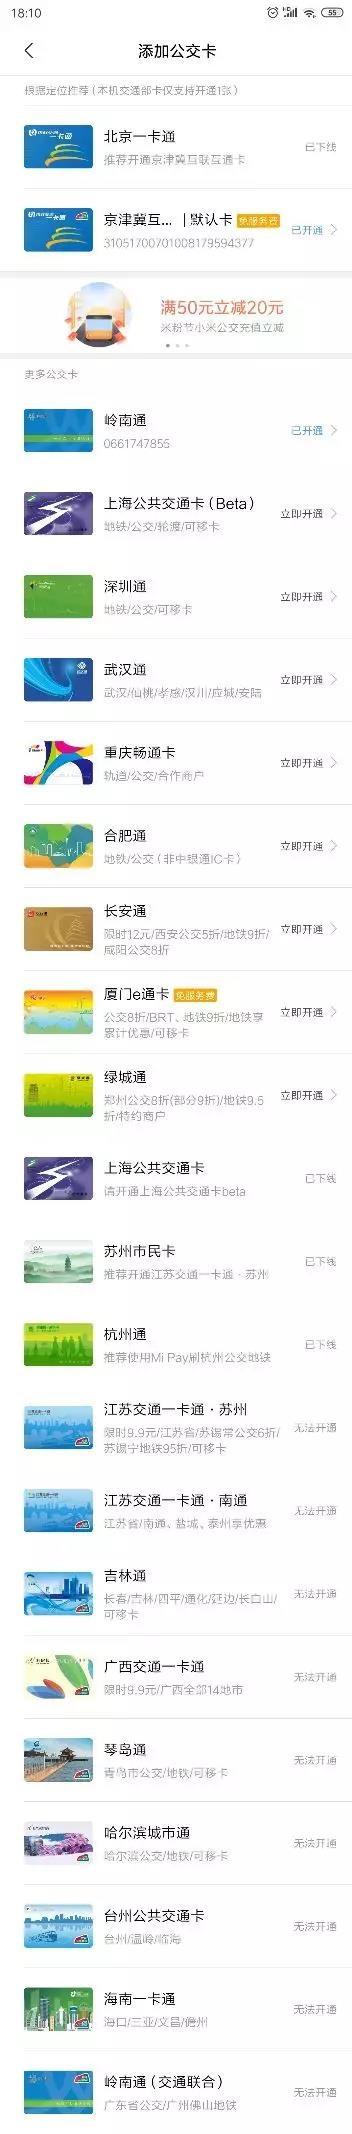 小米钱包手机公交卡支持卡片,图中部分卡片已下线